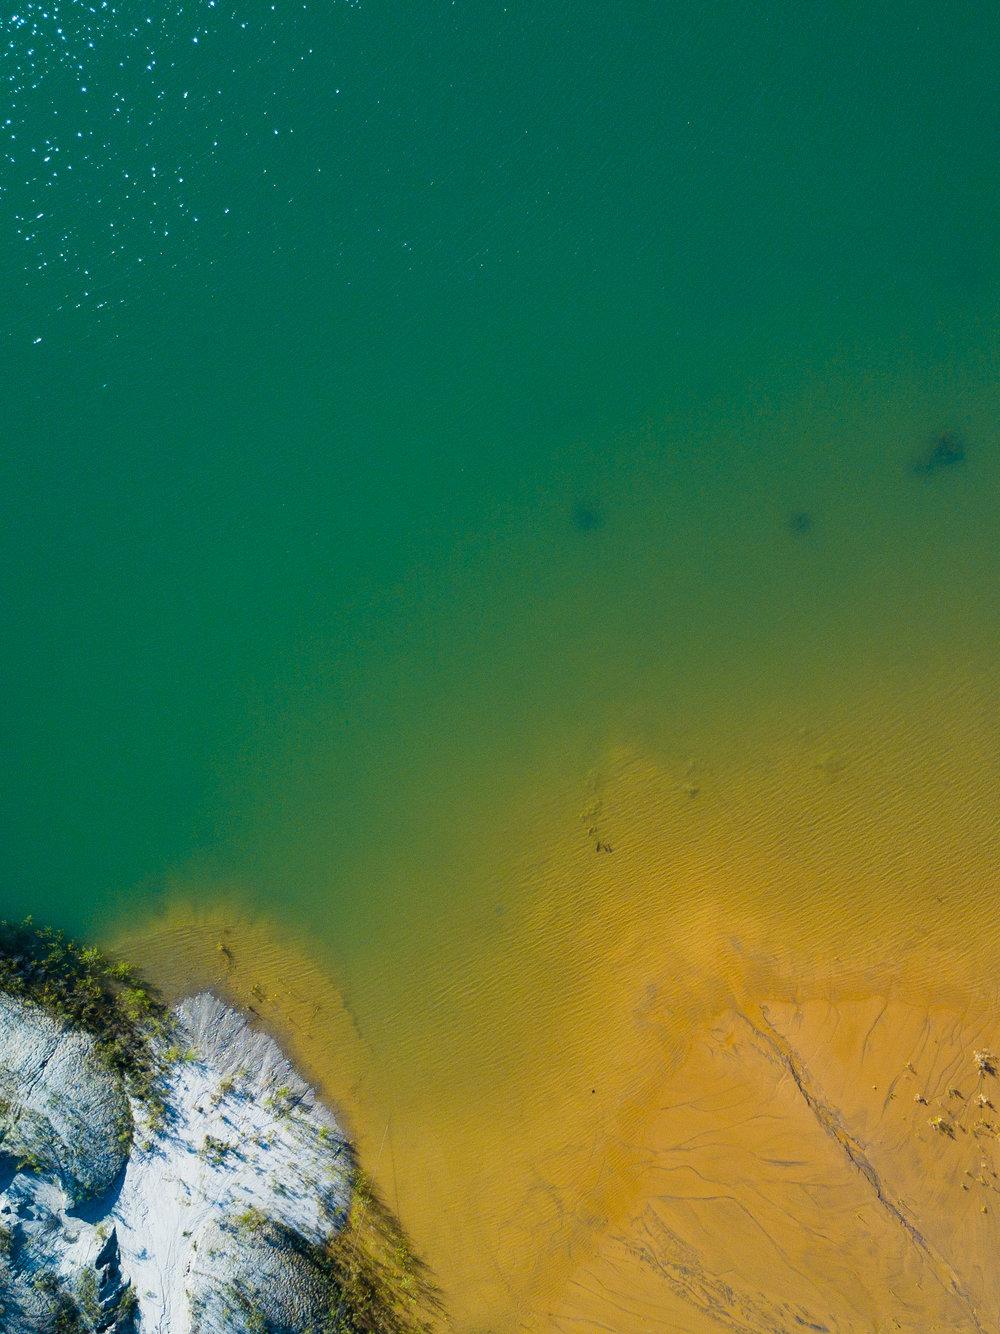 Quarry, El Monte, California